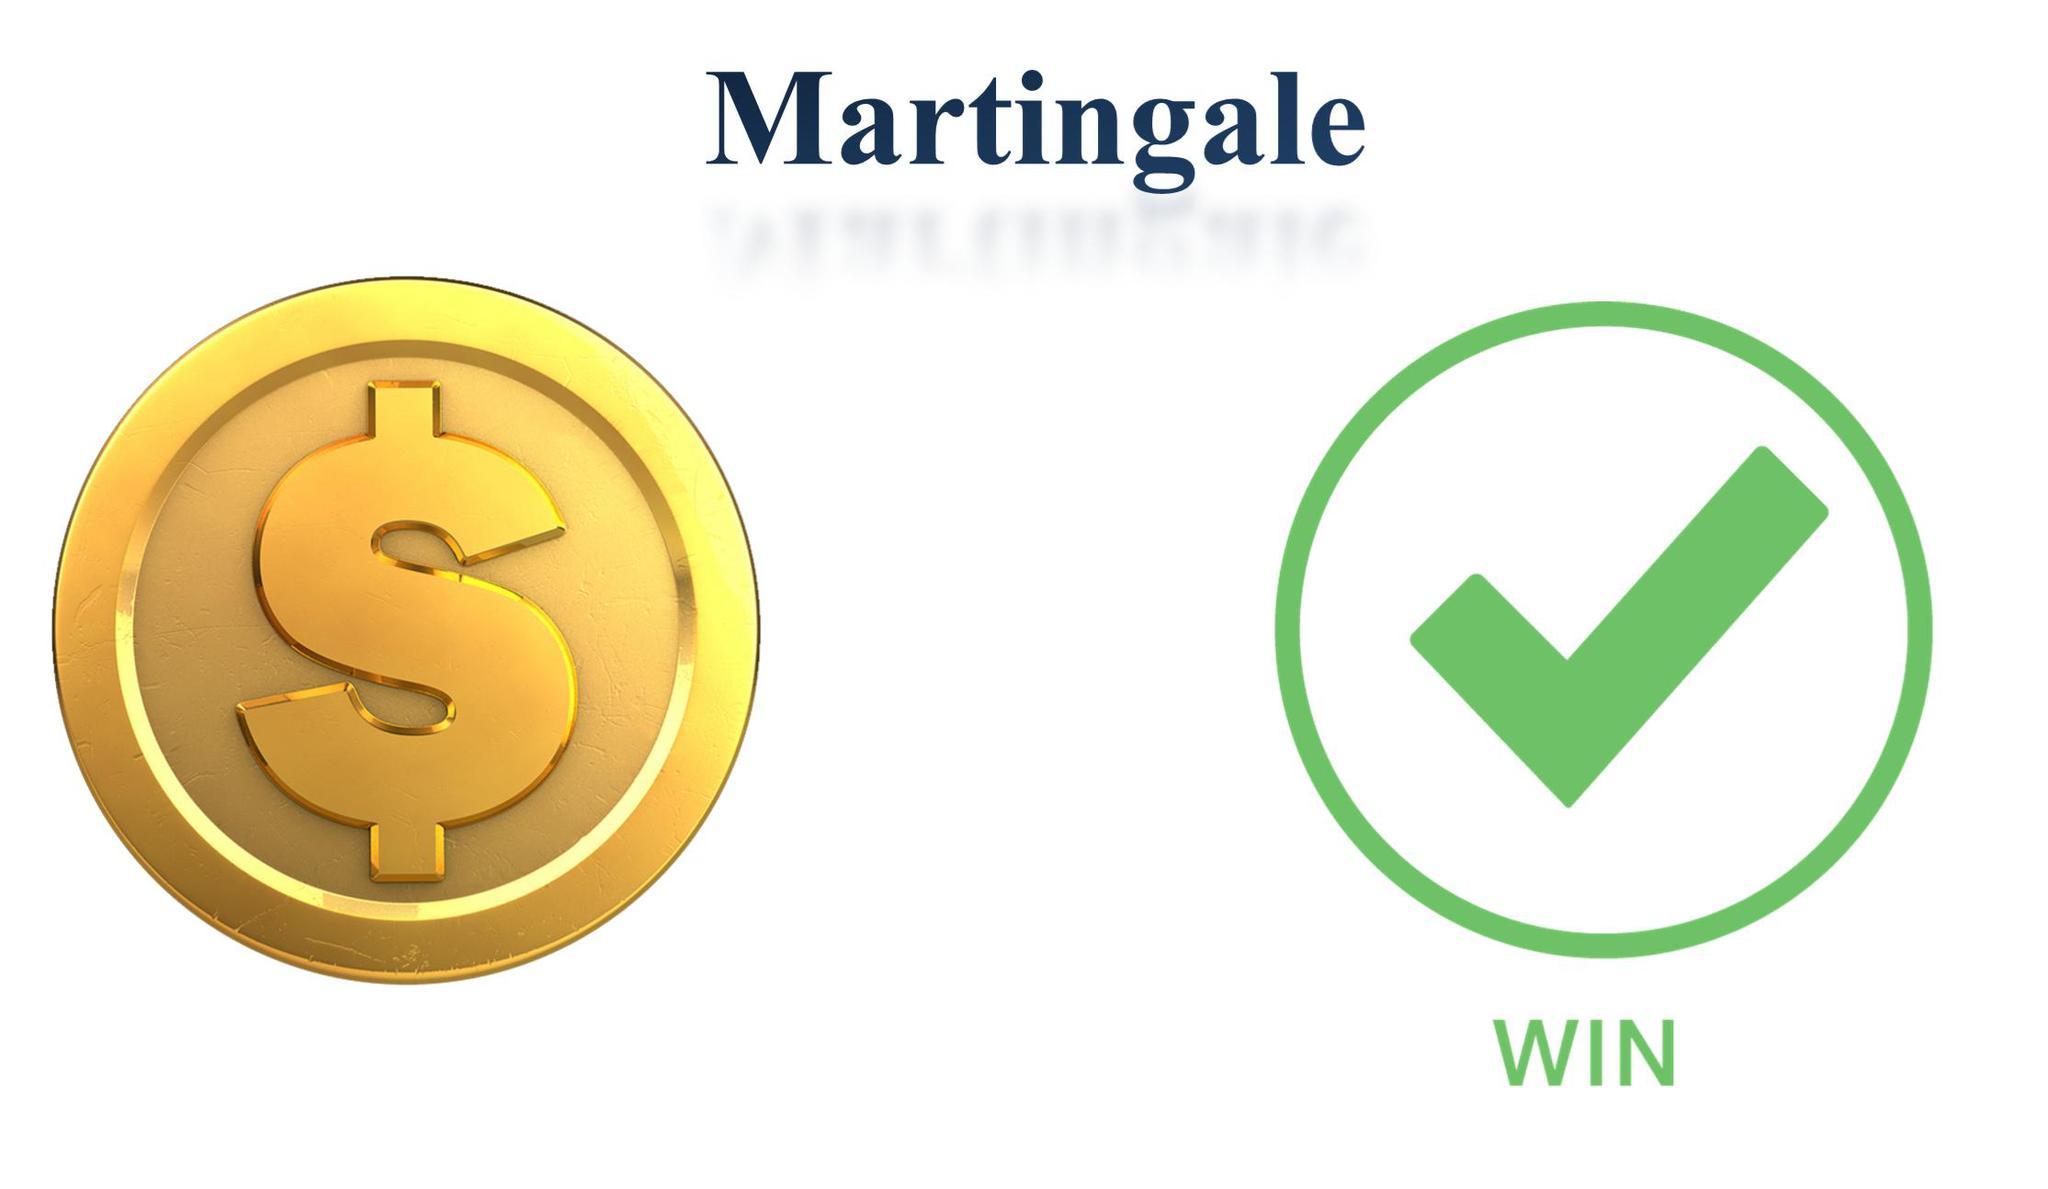 Điều kiện để sử dụng phương pháp Martingale